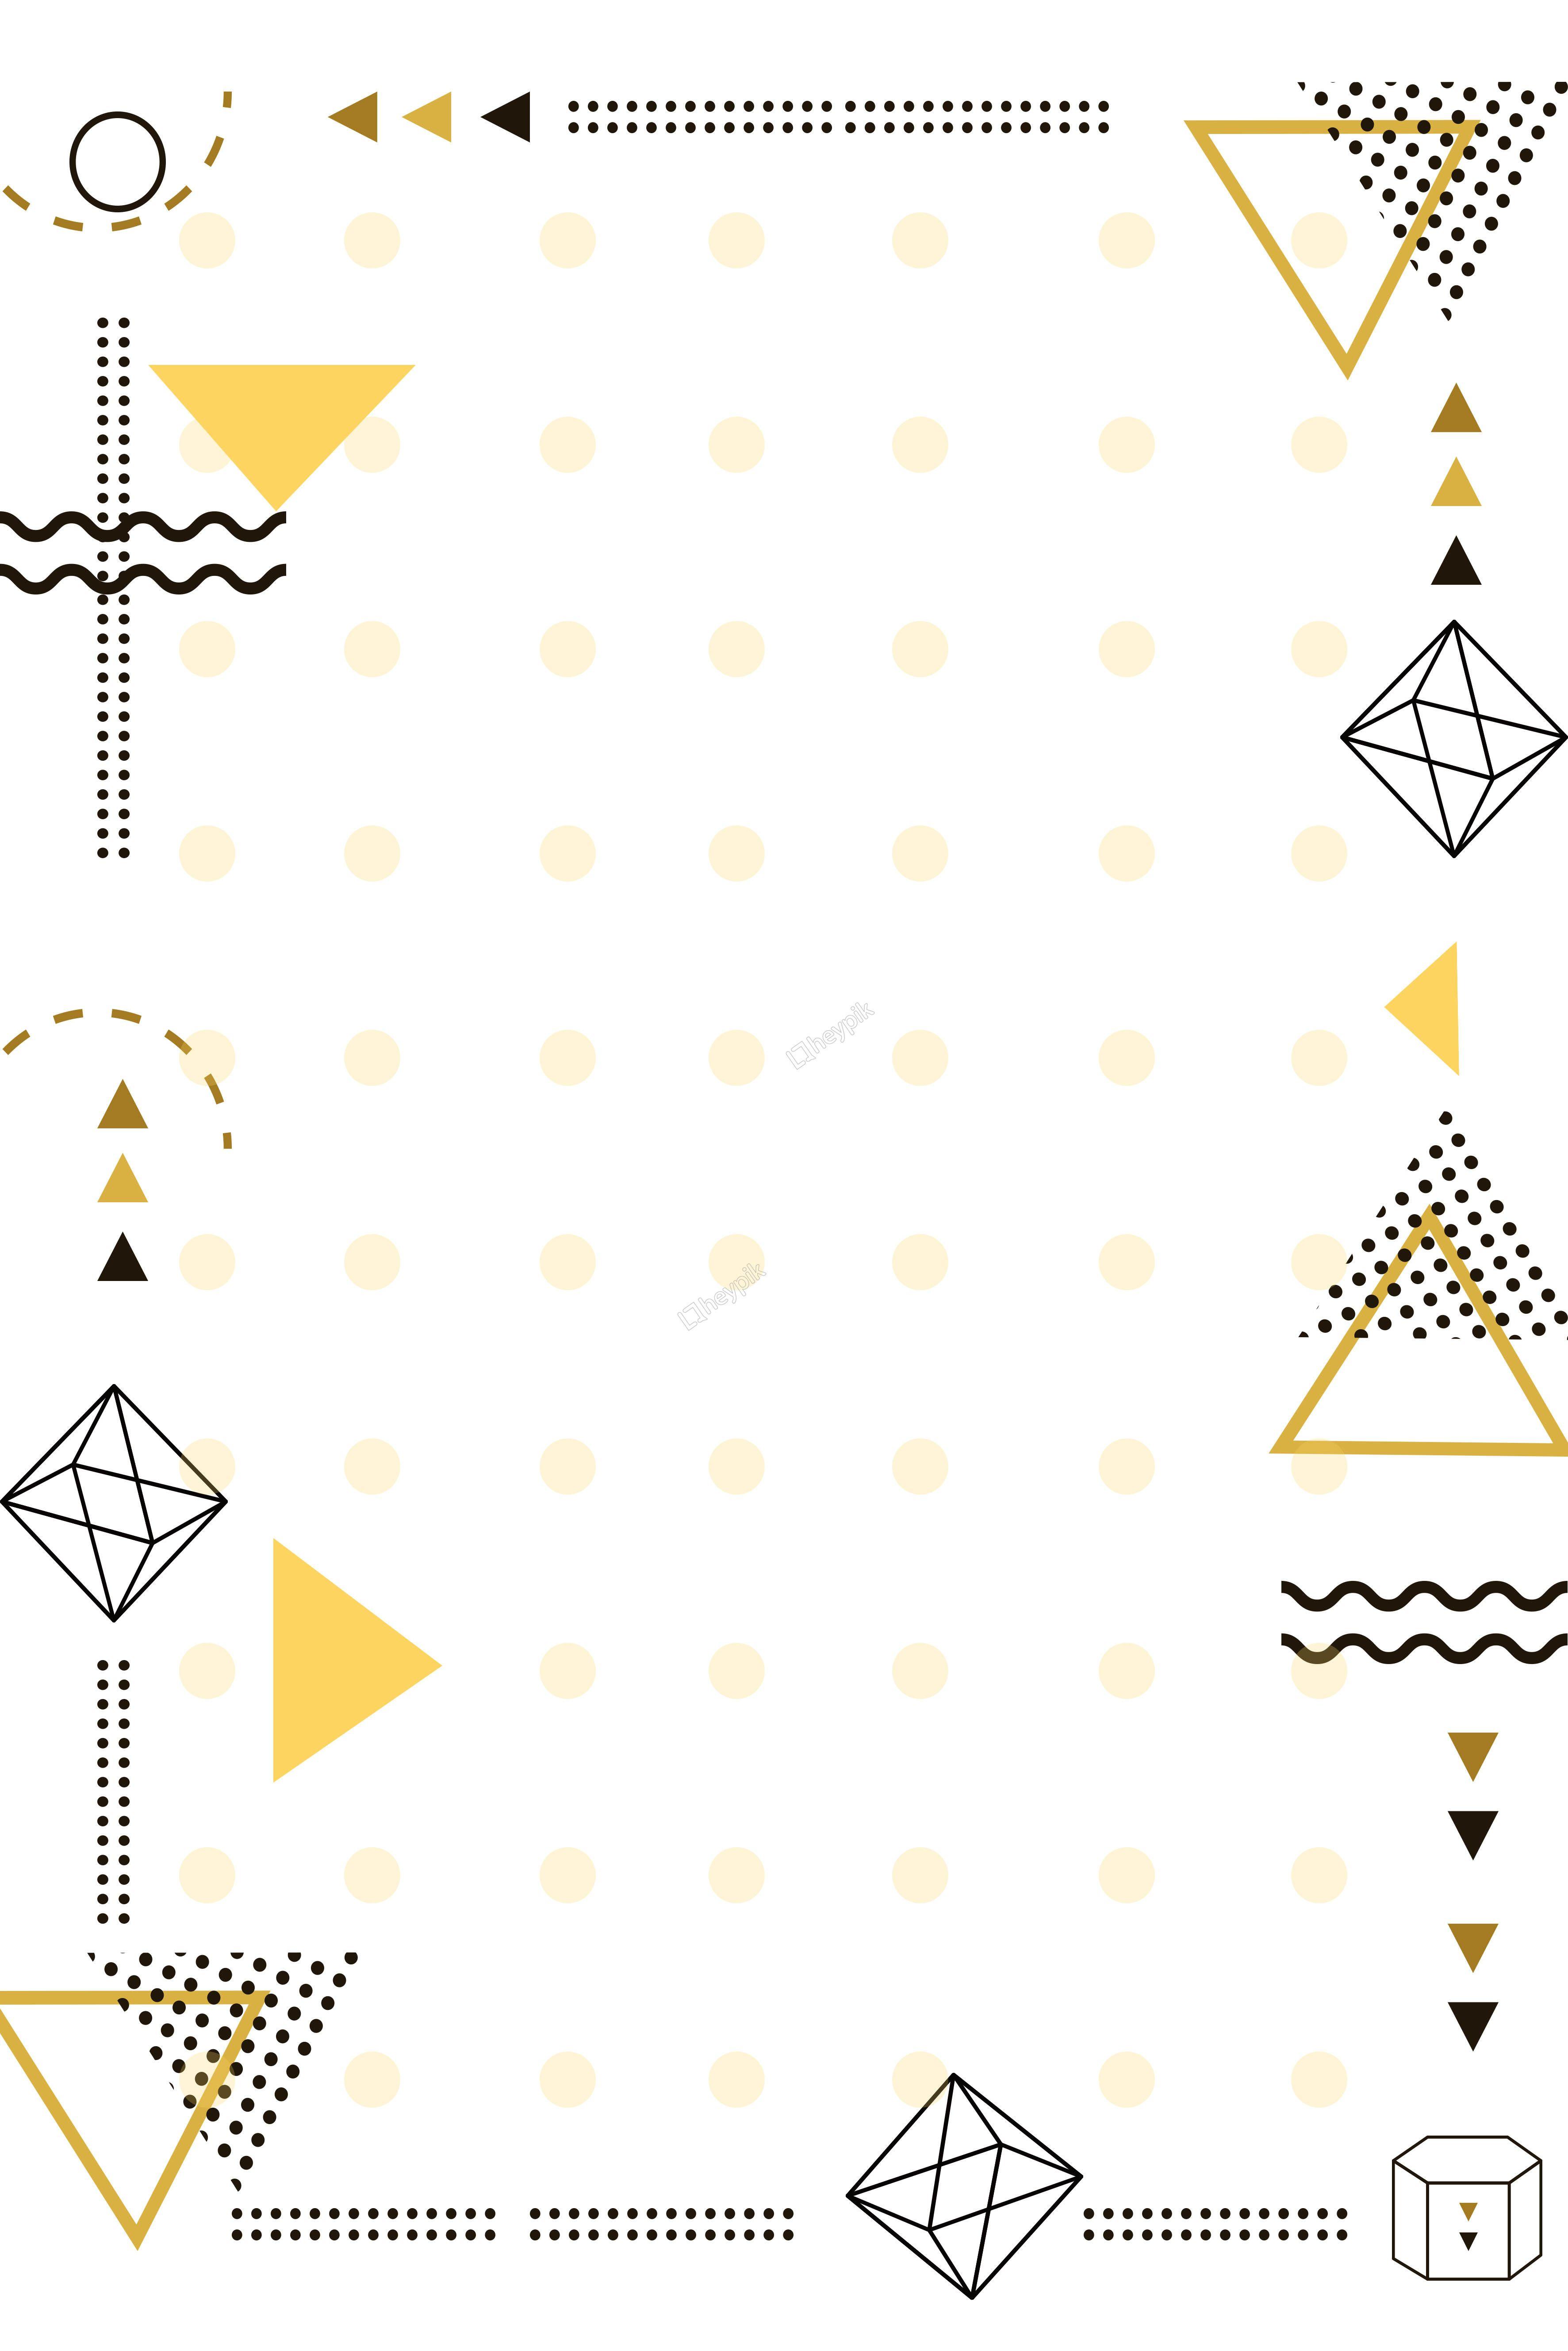 簡約的幾何邊框海報背景 การออกแบบโปสเตอร โปสเตอร กราฟ กด ไซน